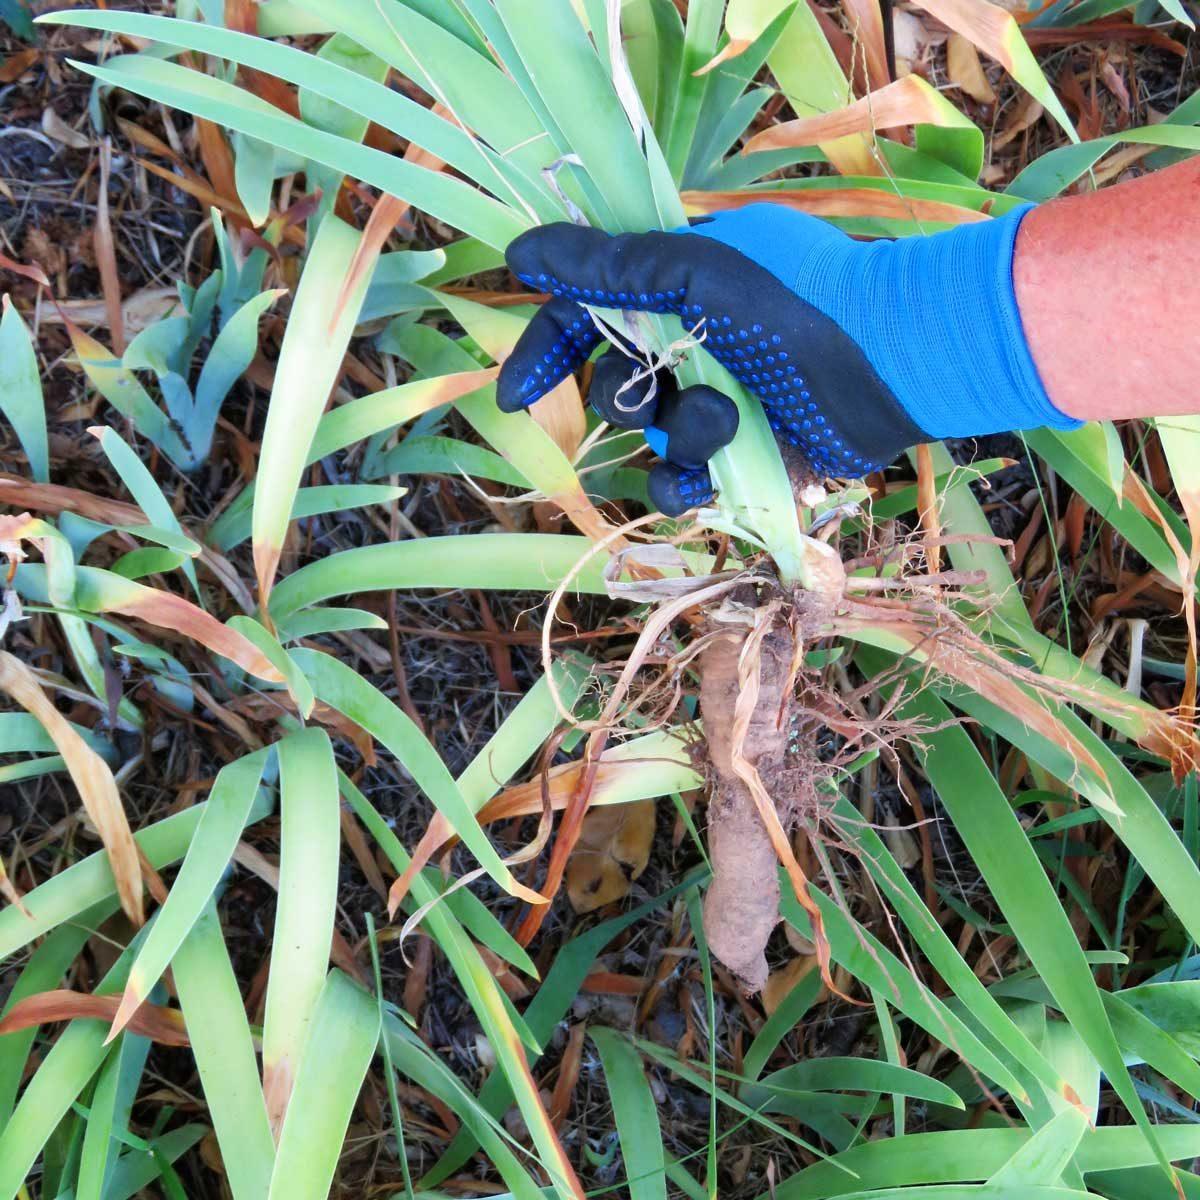 Gardener, Hand of Senior Man thinning bulb plant dividing perennials